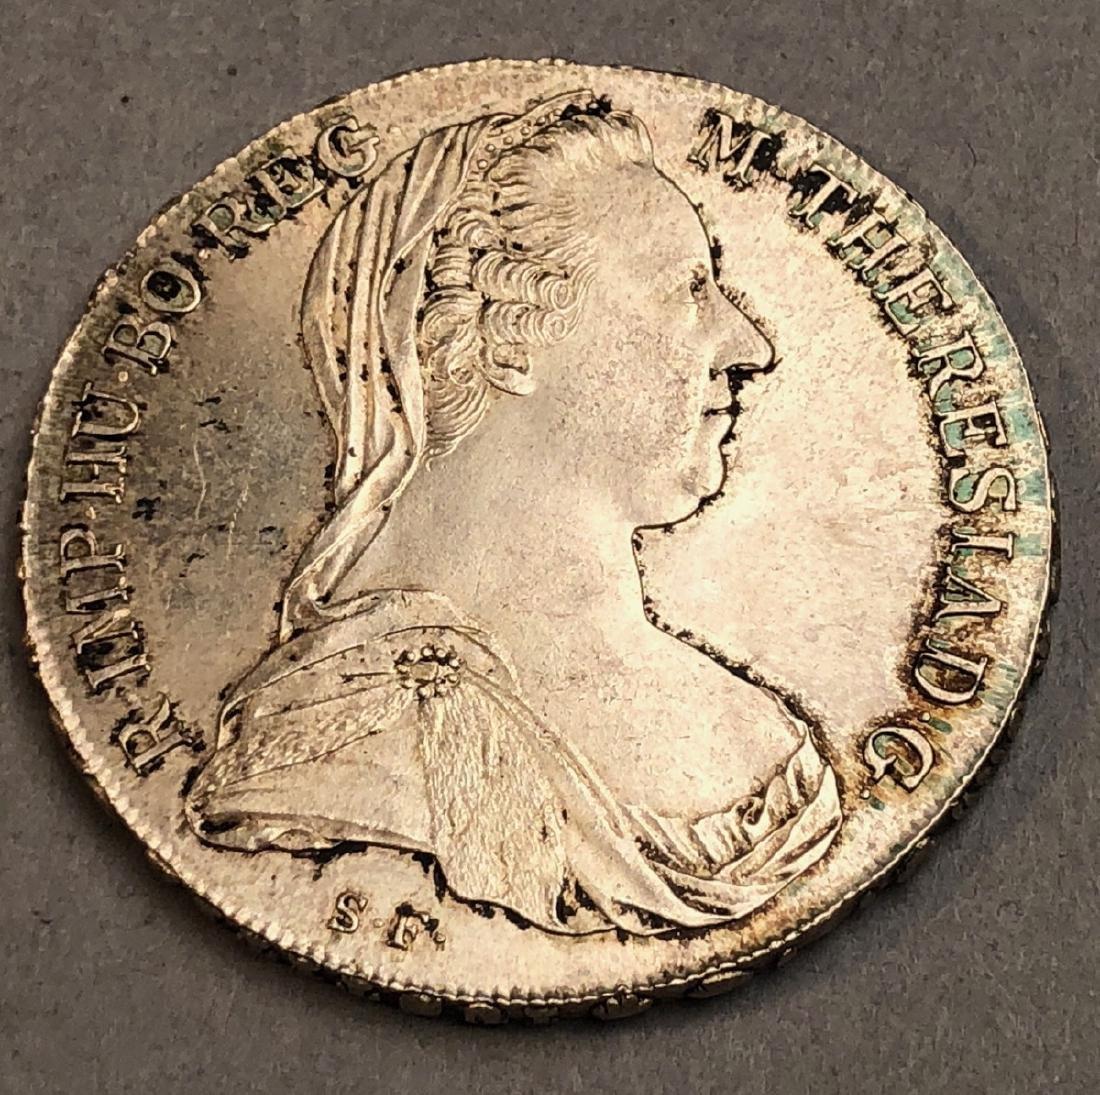 1780 Maria Theresa Silver Trade Coin.